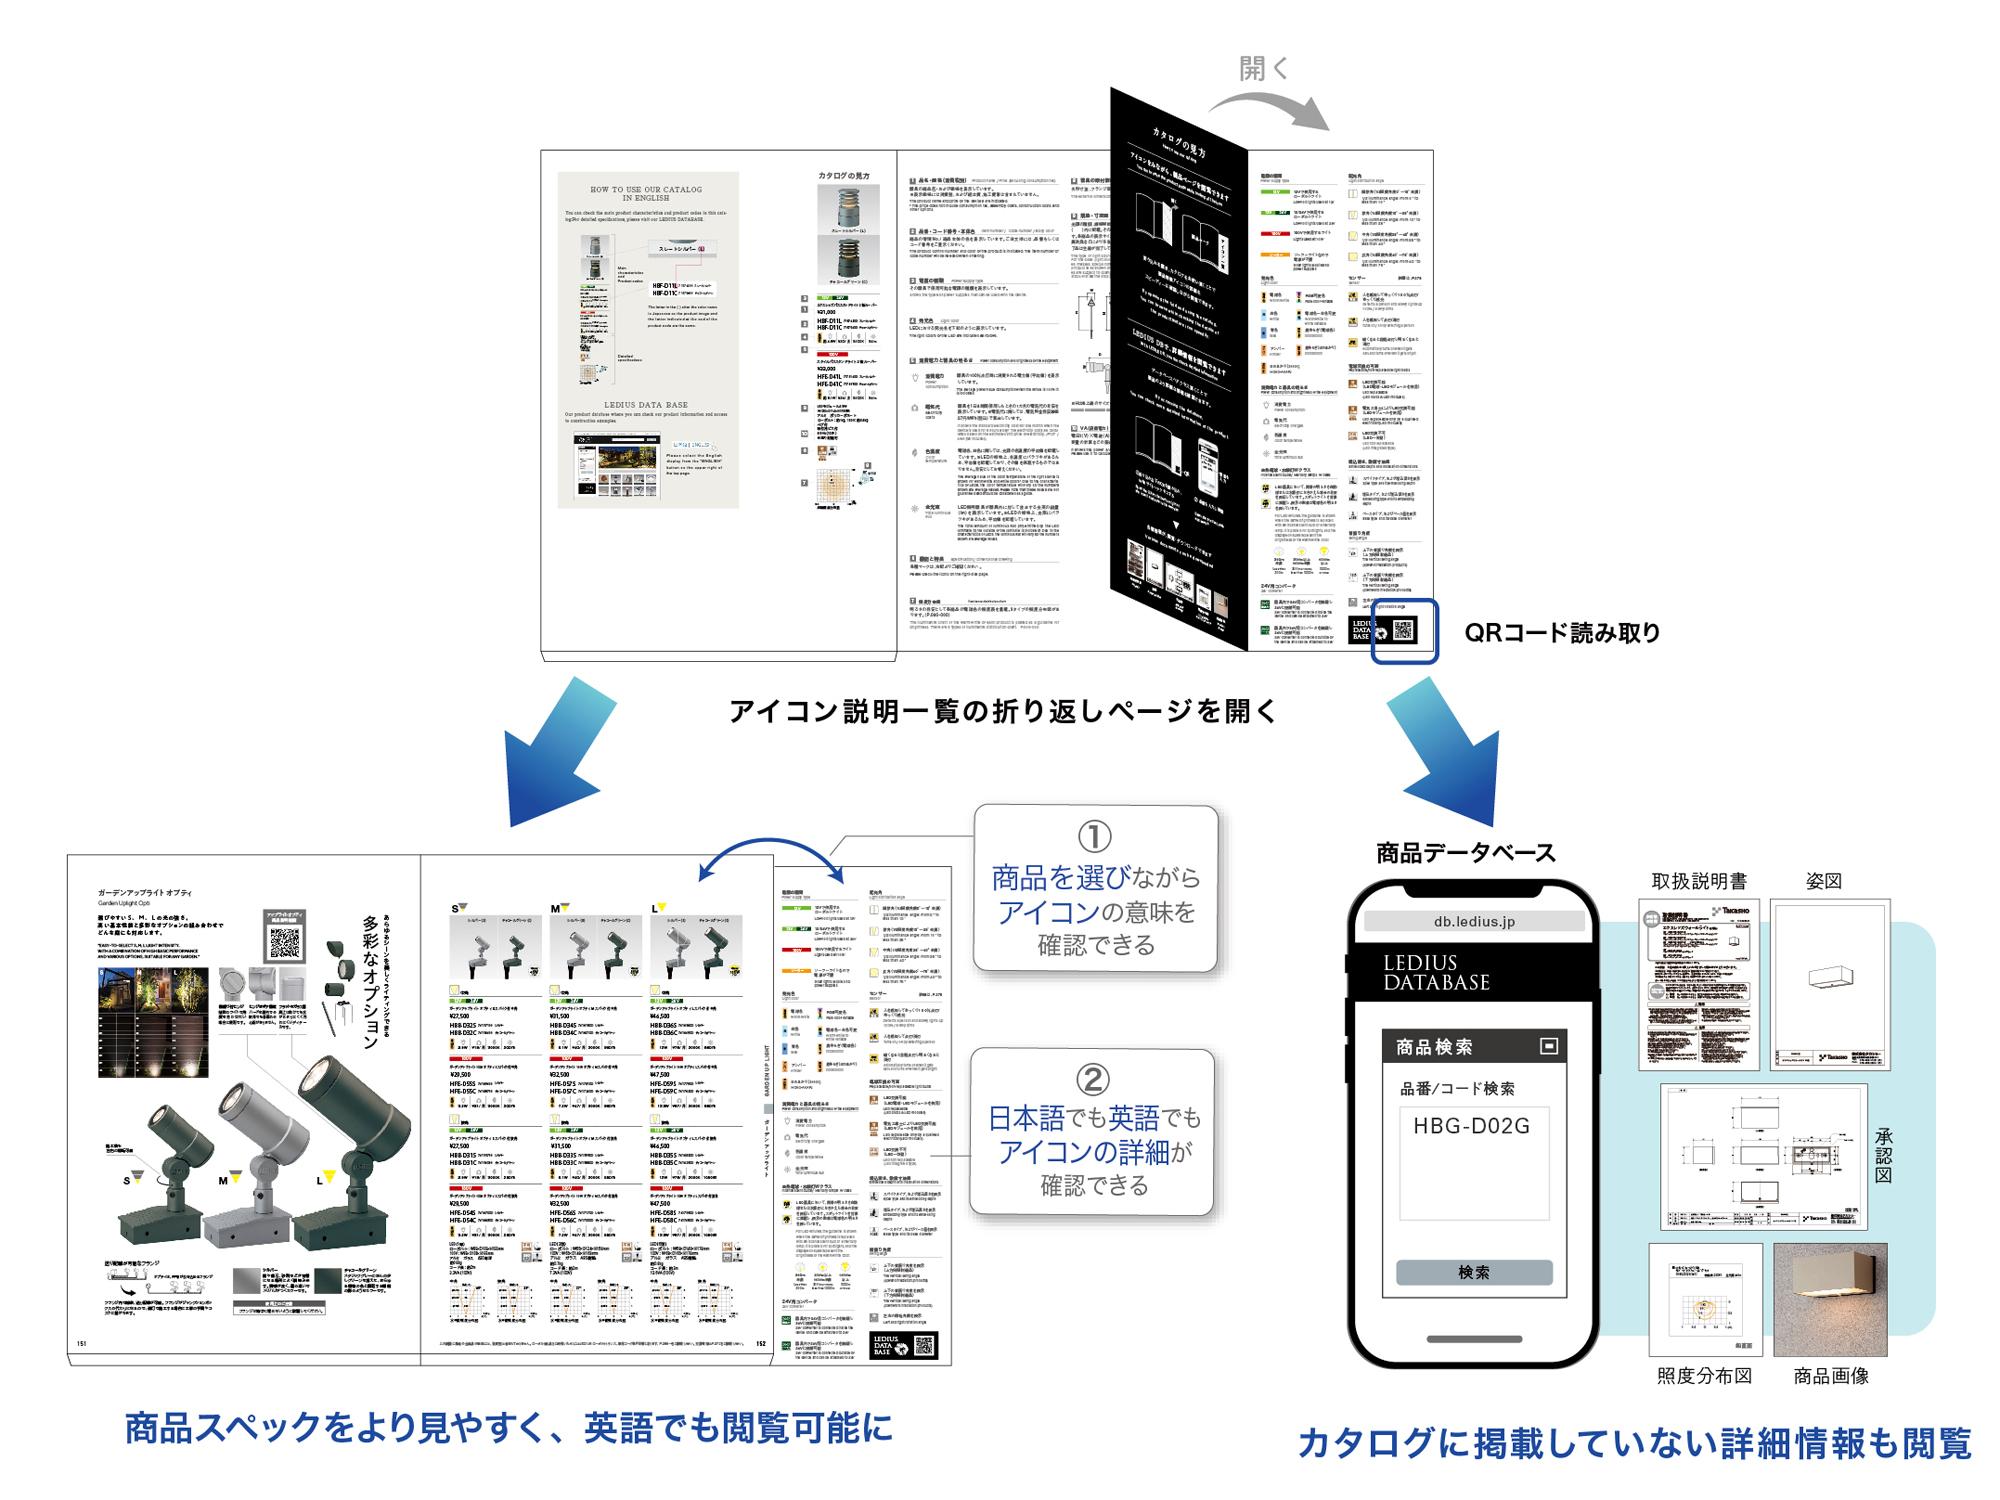 商品ページとアイコン一覧が見やすくなったことを表す図